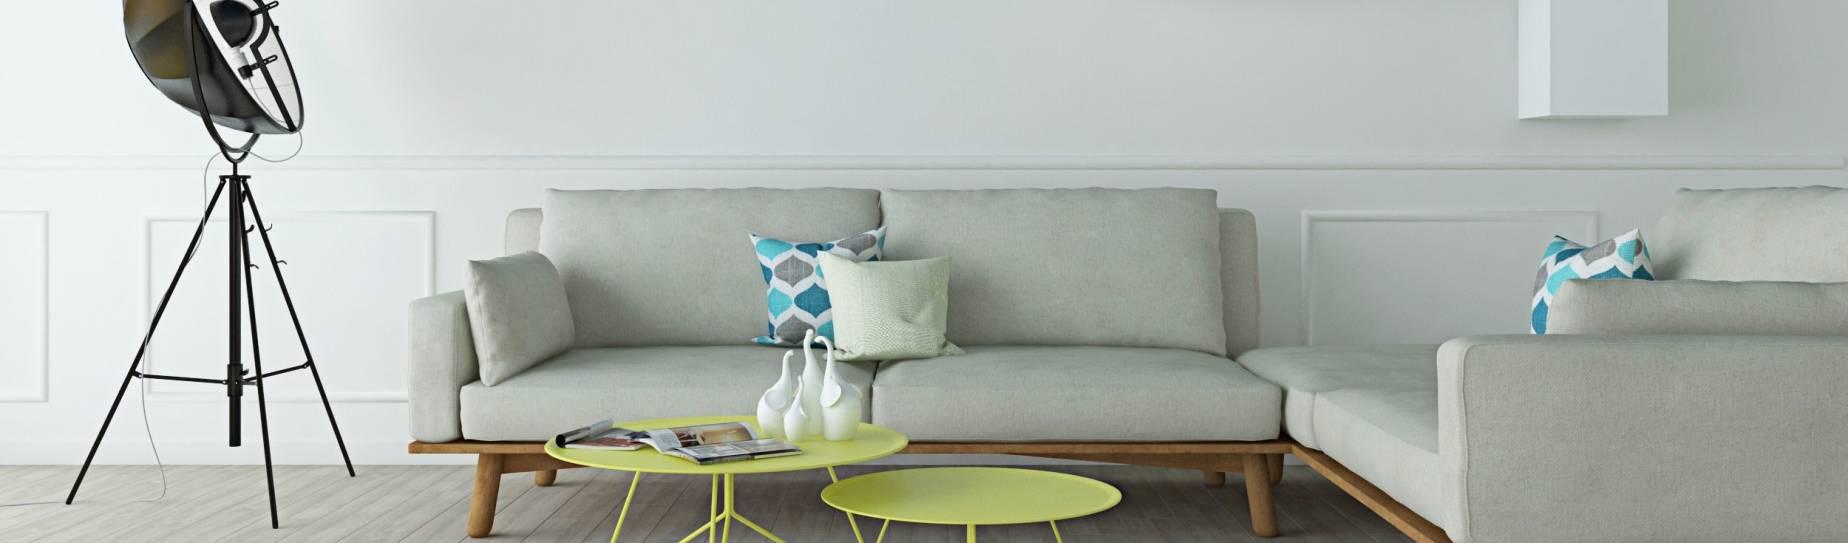 Home-designer.it  Consulenza e Progettazione Interni